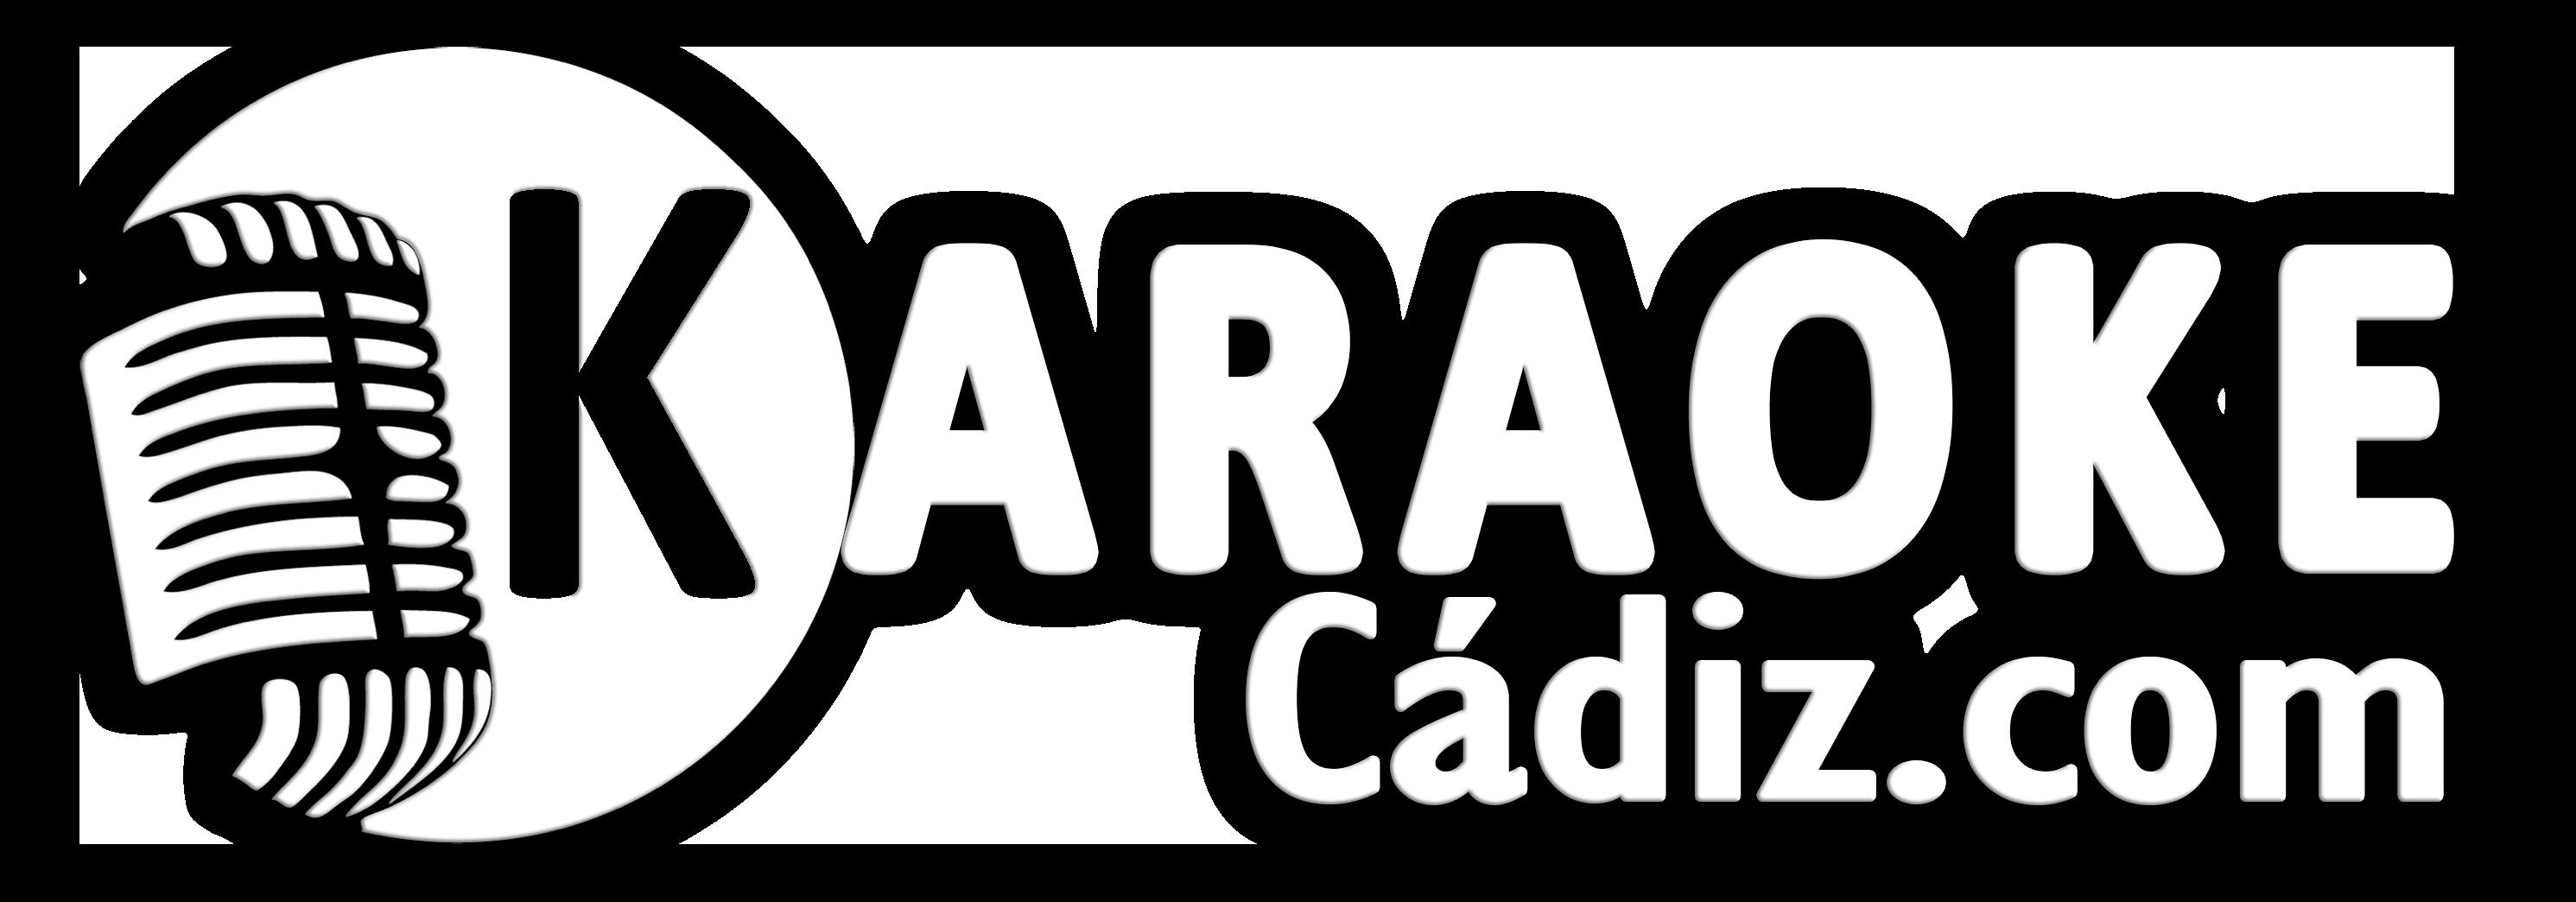 Karaoke Cadiz